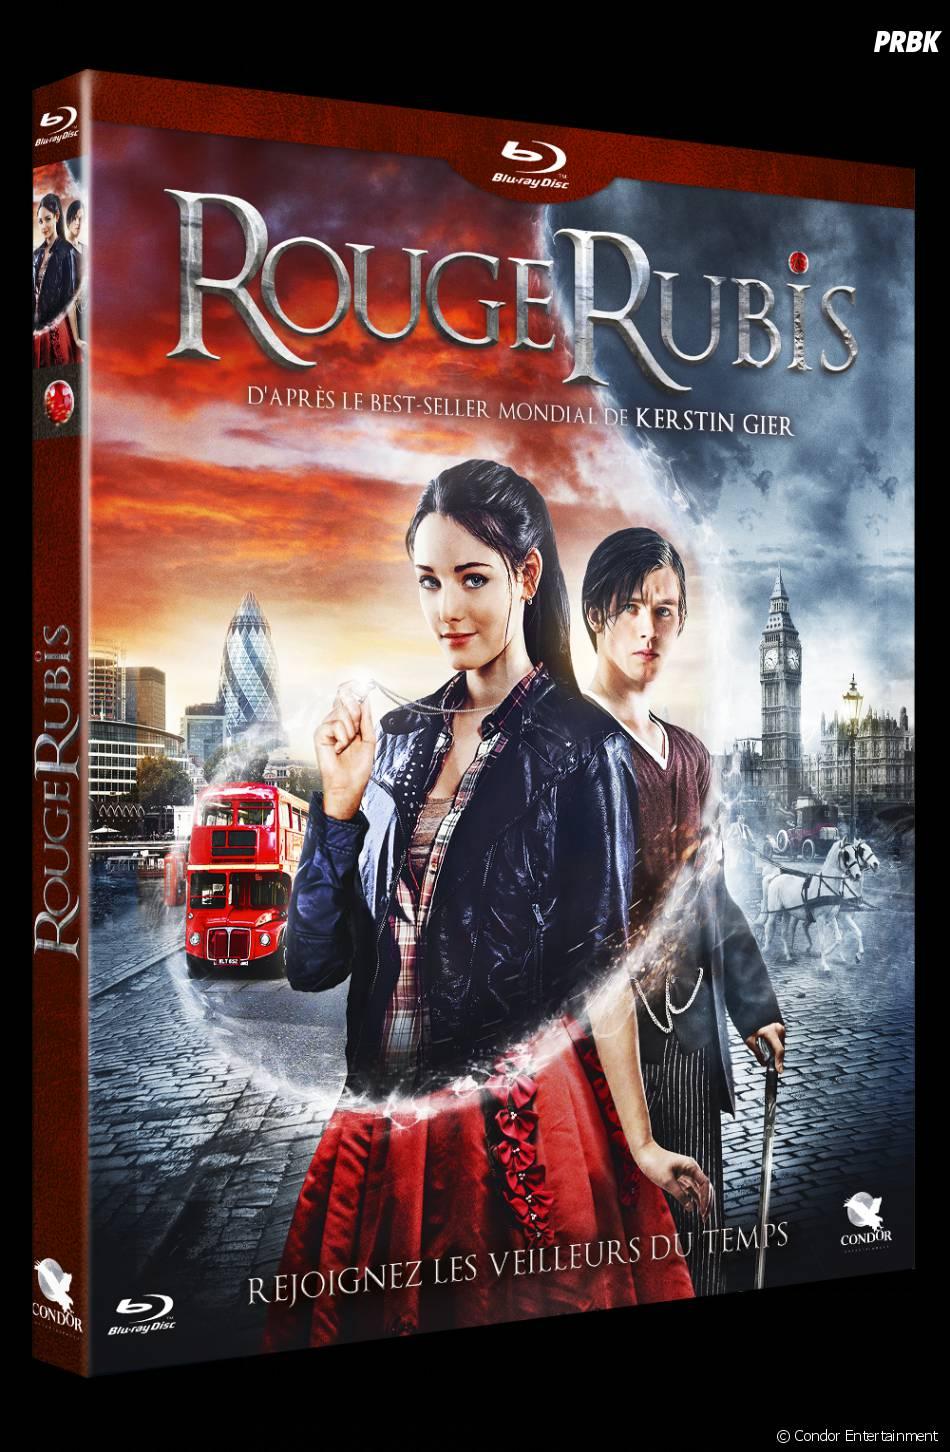 Rouge Rubis : Le DVD sort le 24 septembre